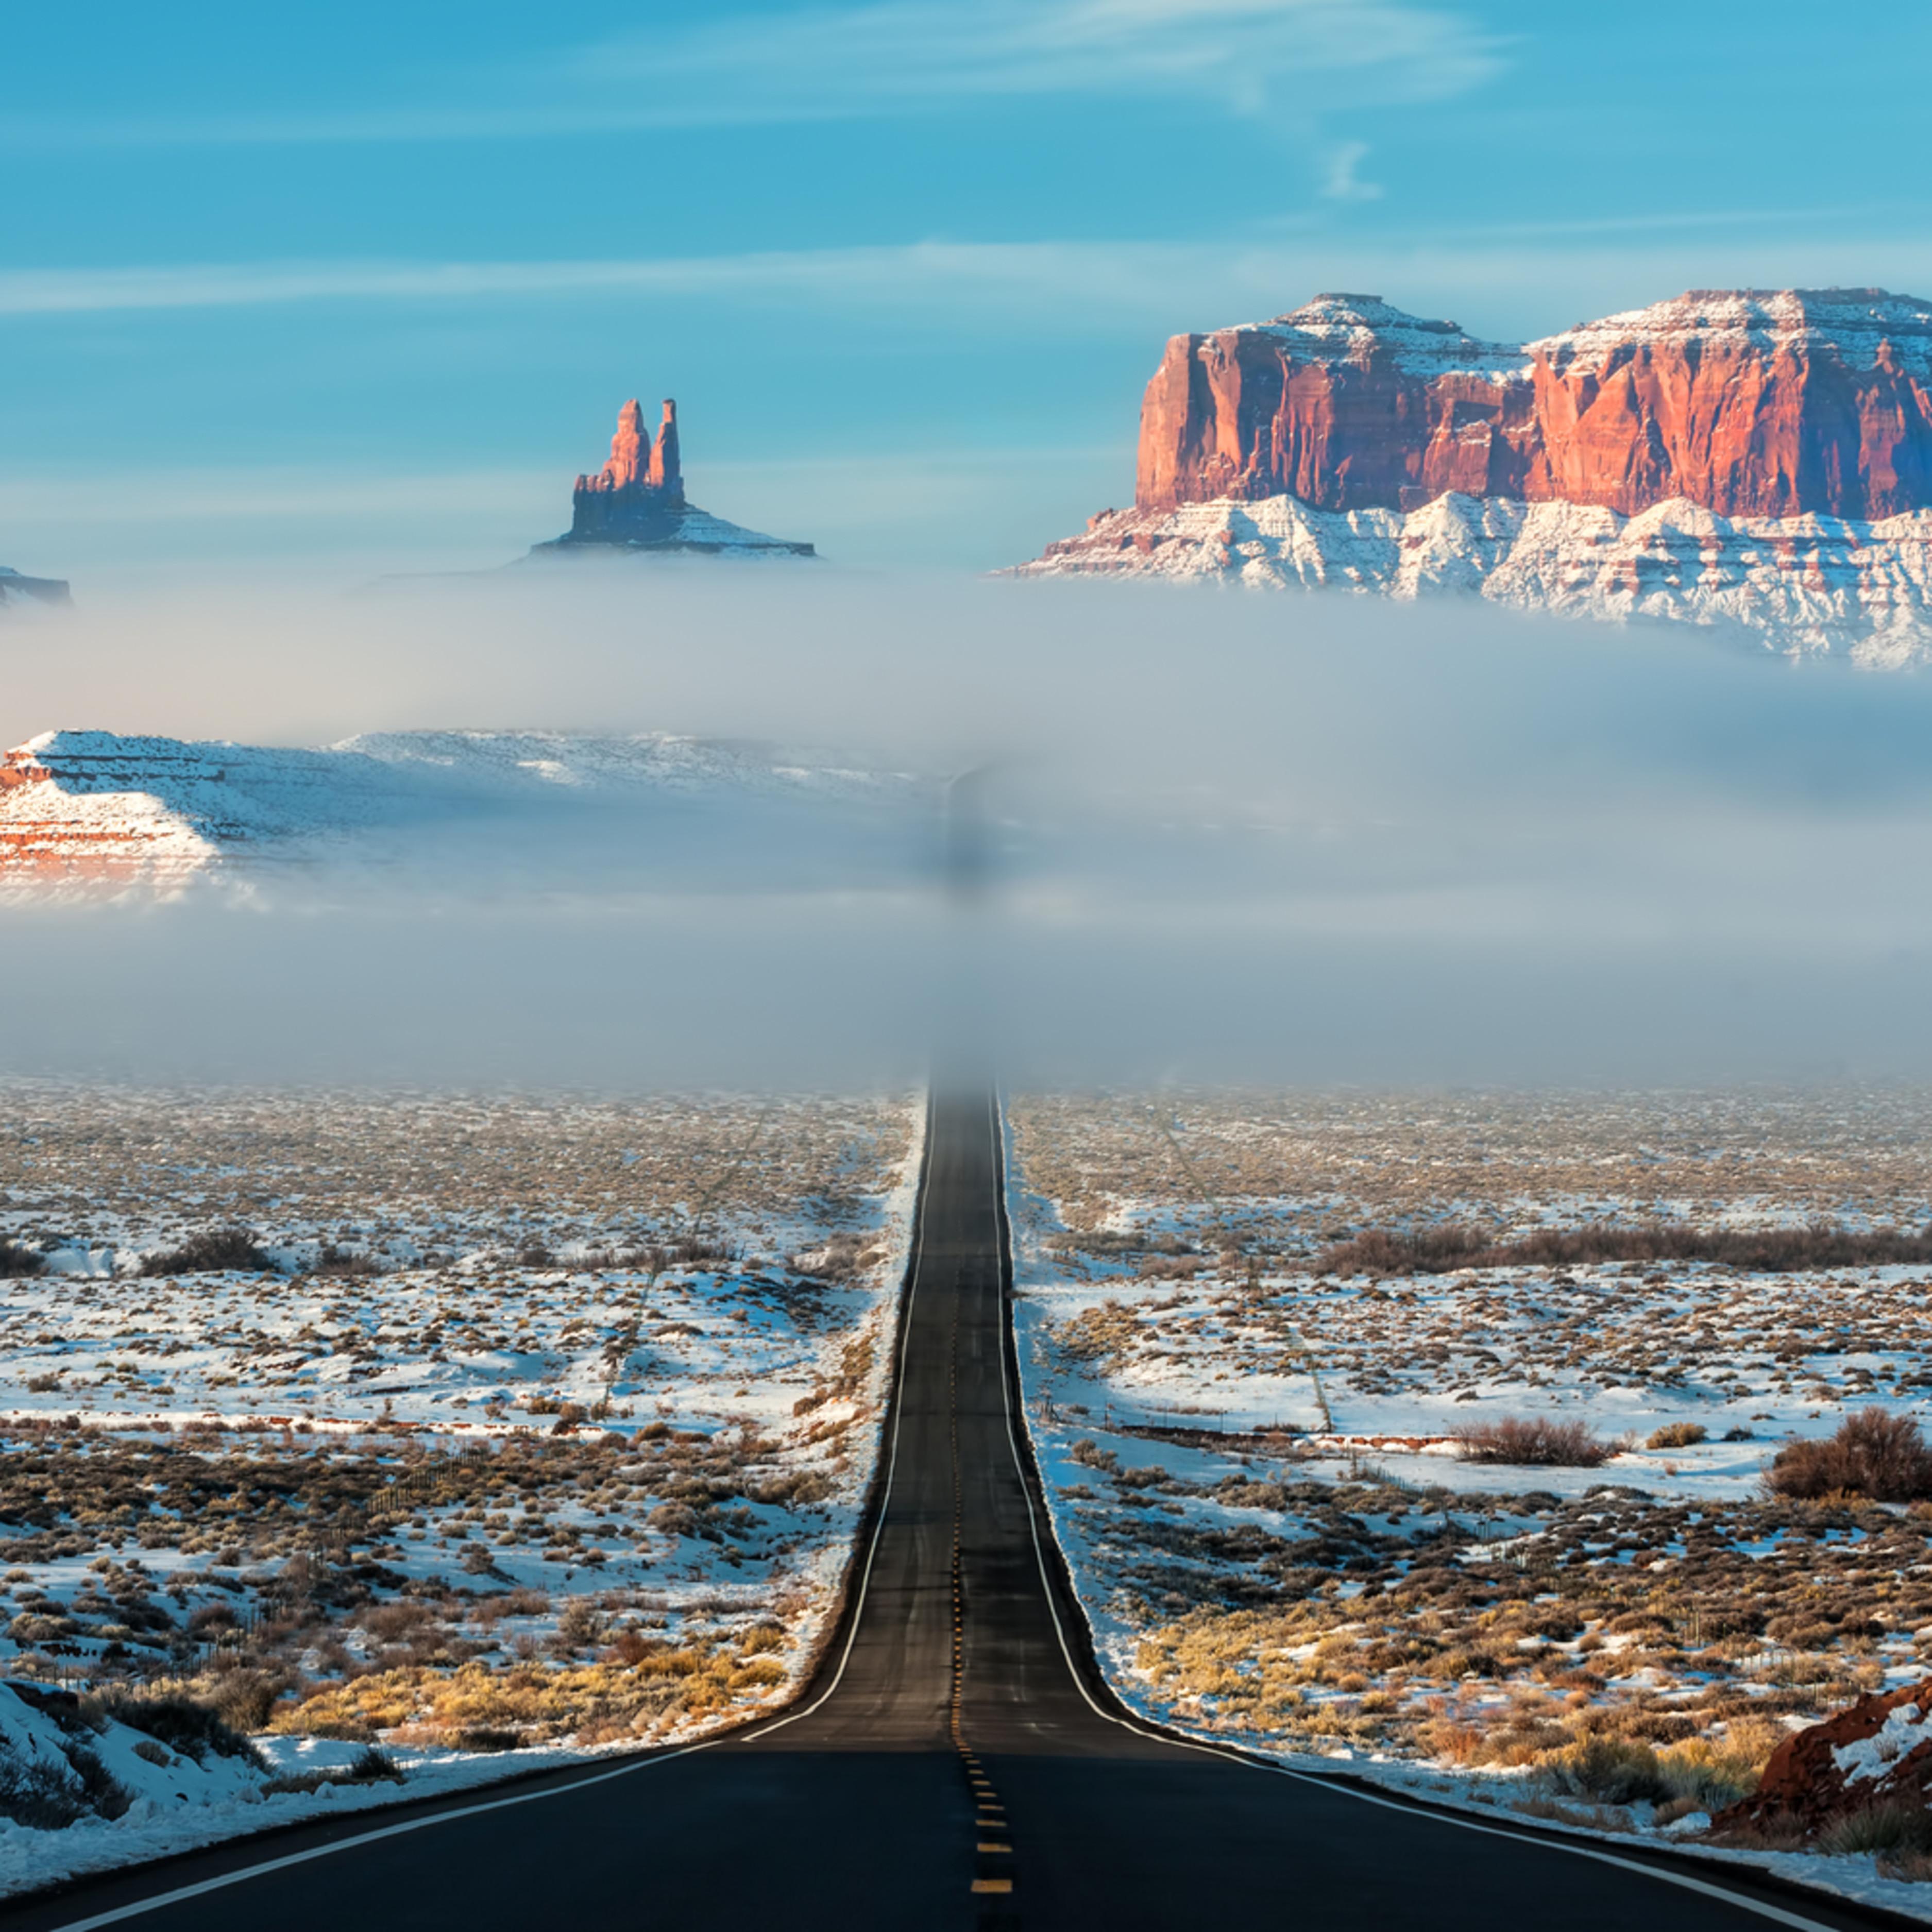 Highway through the clouds semi pan kuvgps